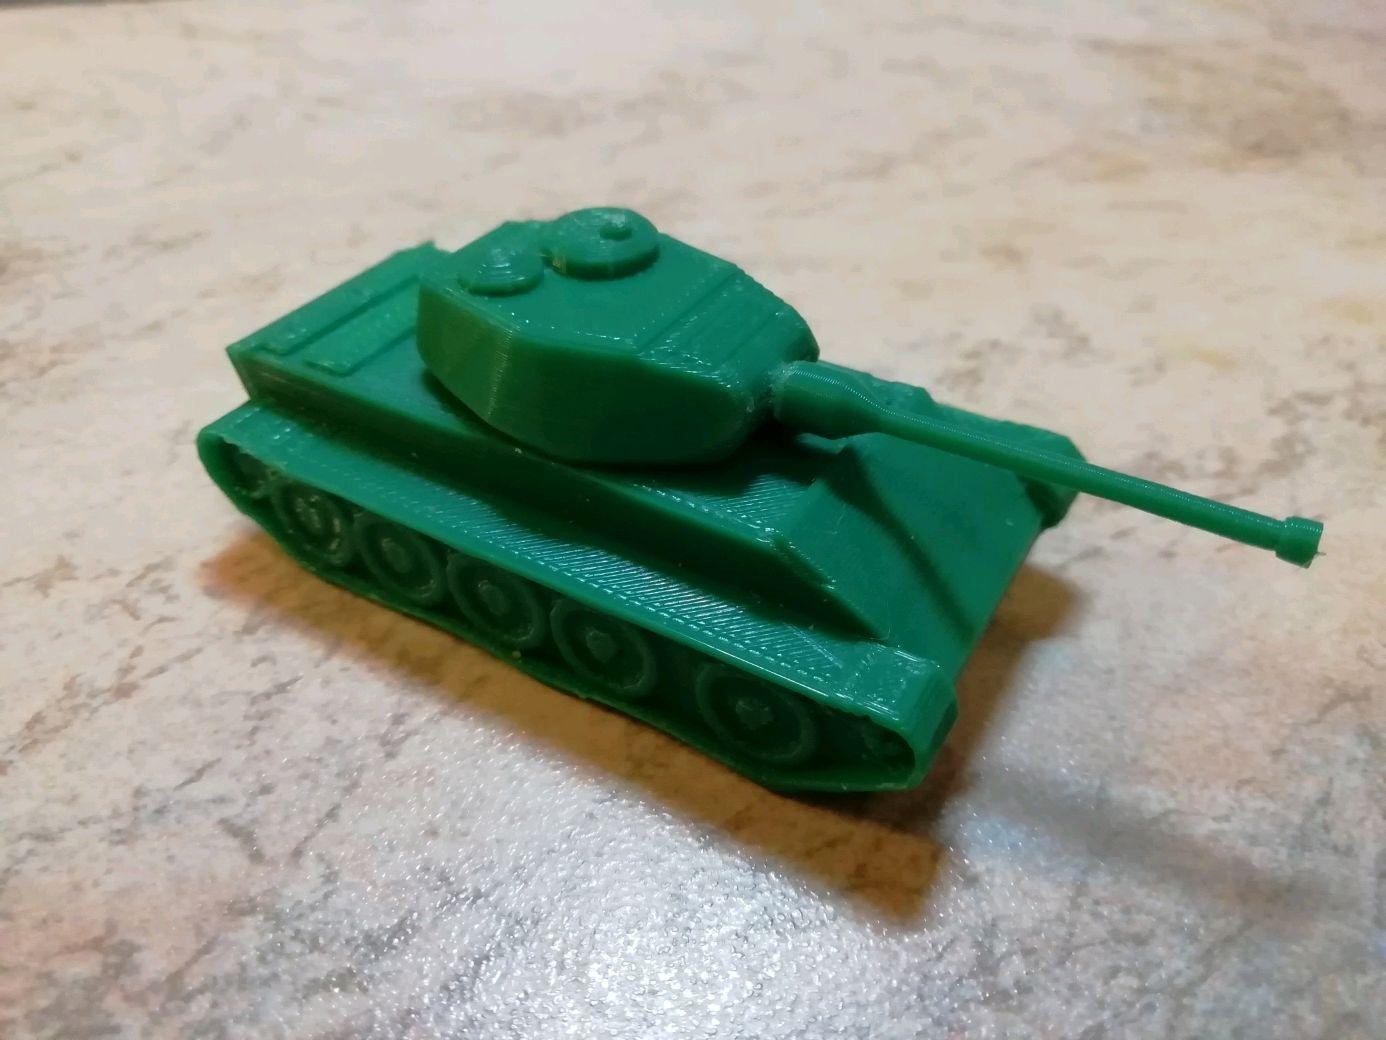 World of tanks. Модель танка  Т-44 из известной игры, Техника роботы транспорт, Королев,  Фото №1